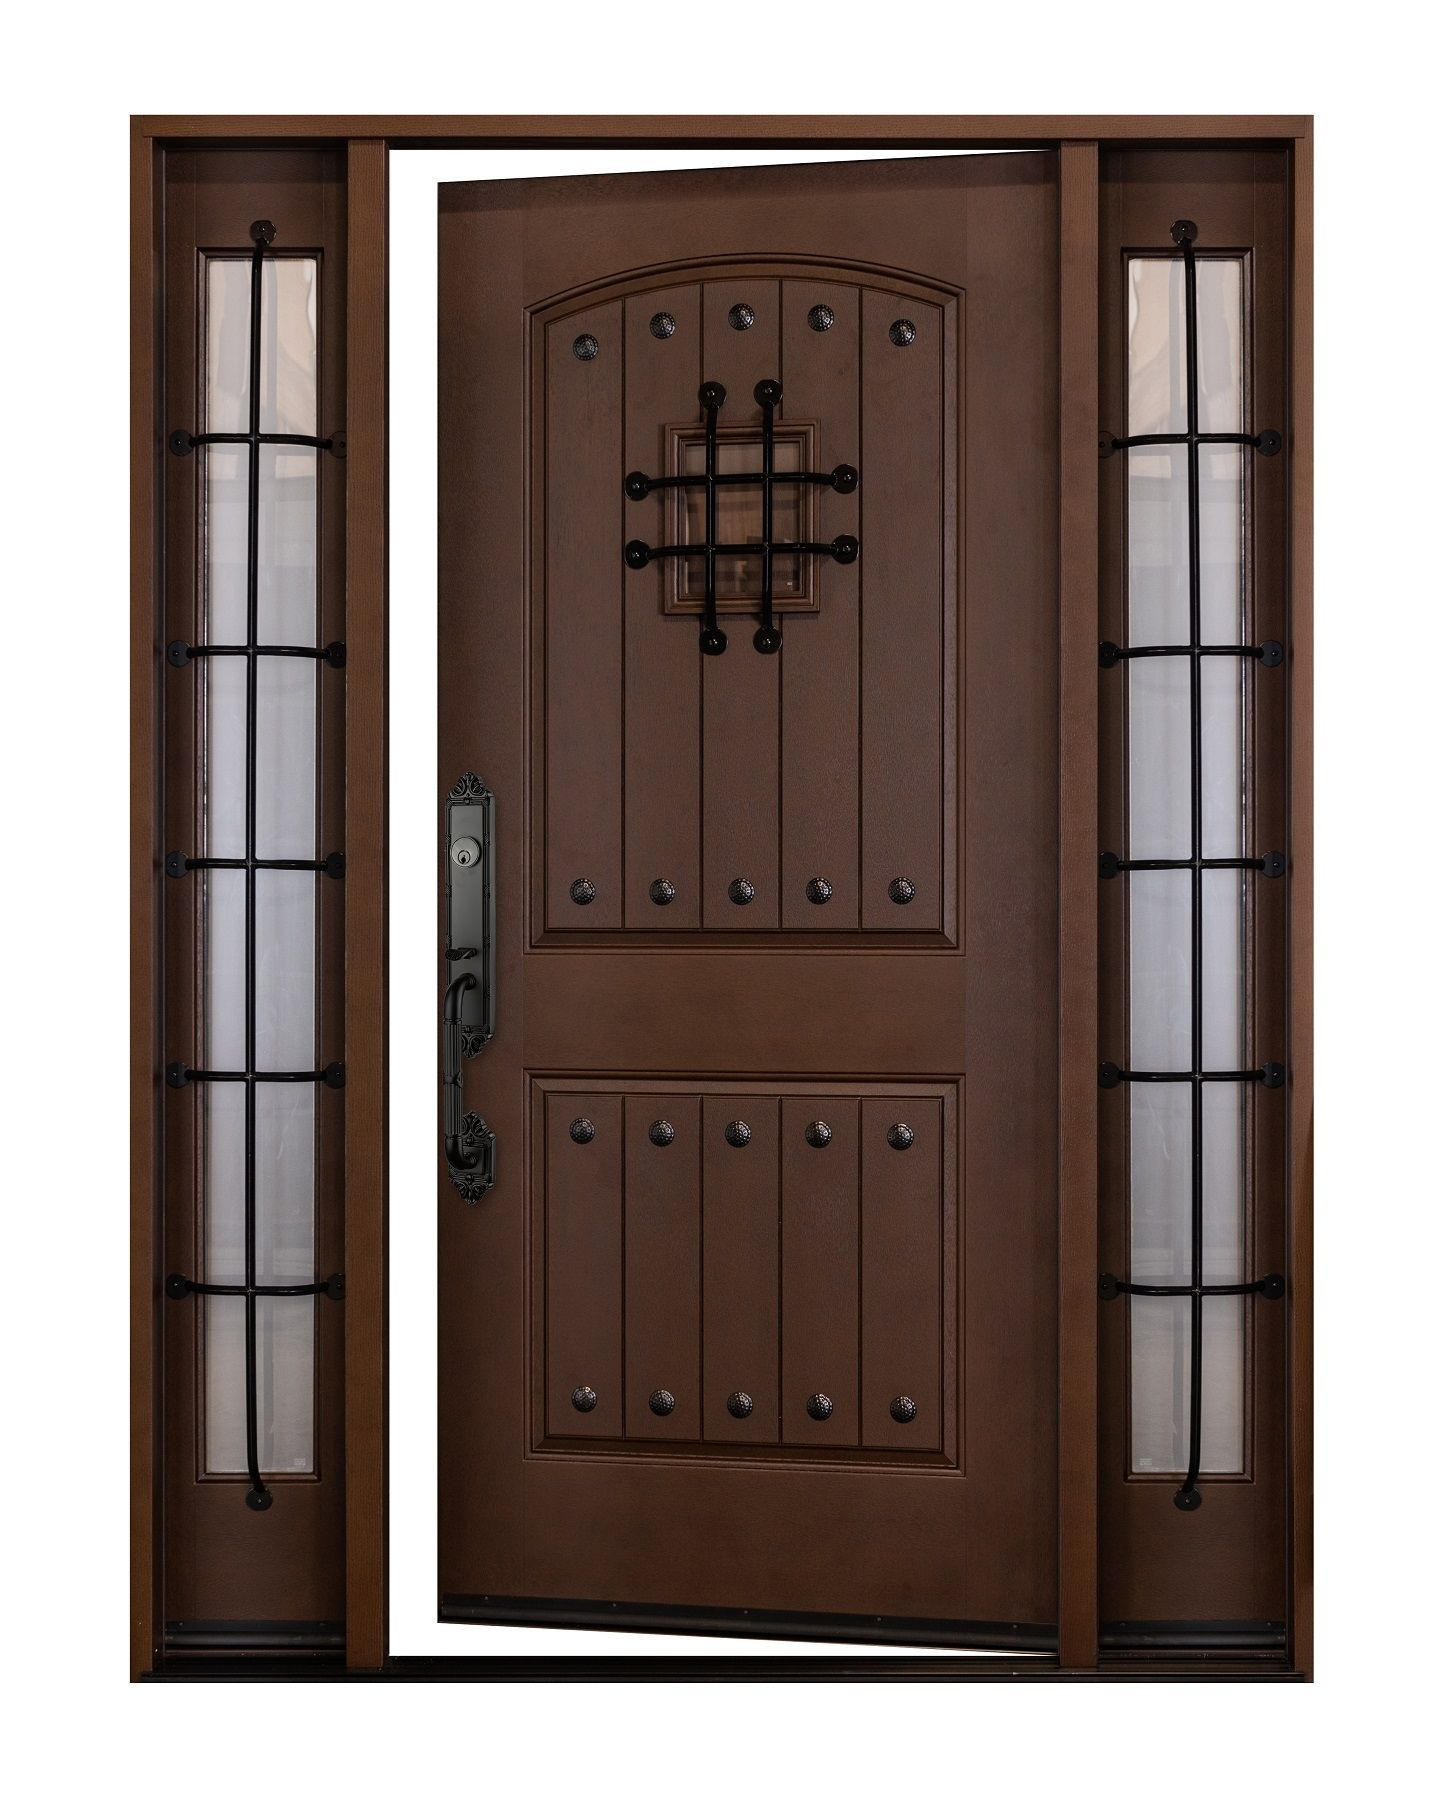 Fiberglass Maricoba Exterior Front Entry Door 1d 2sl 12 36 X80 Right Hand Swing In Fiberglass Doo Exterior Front Entry Doors Entry Doors Front Entry Doors